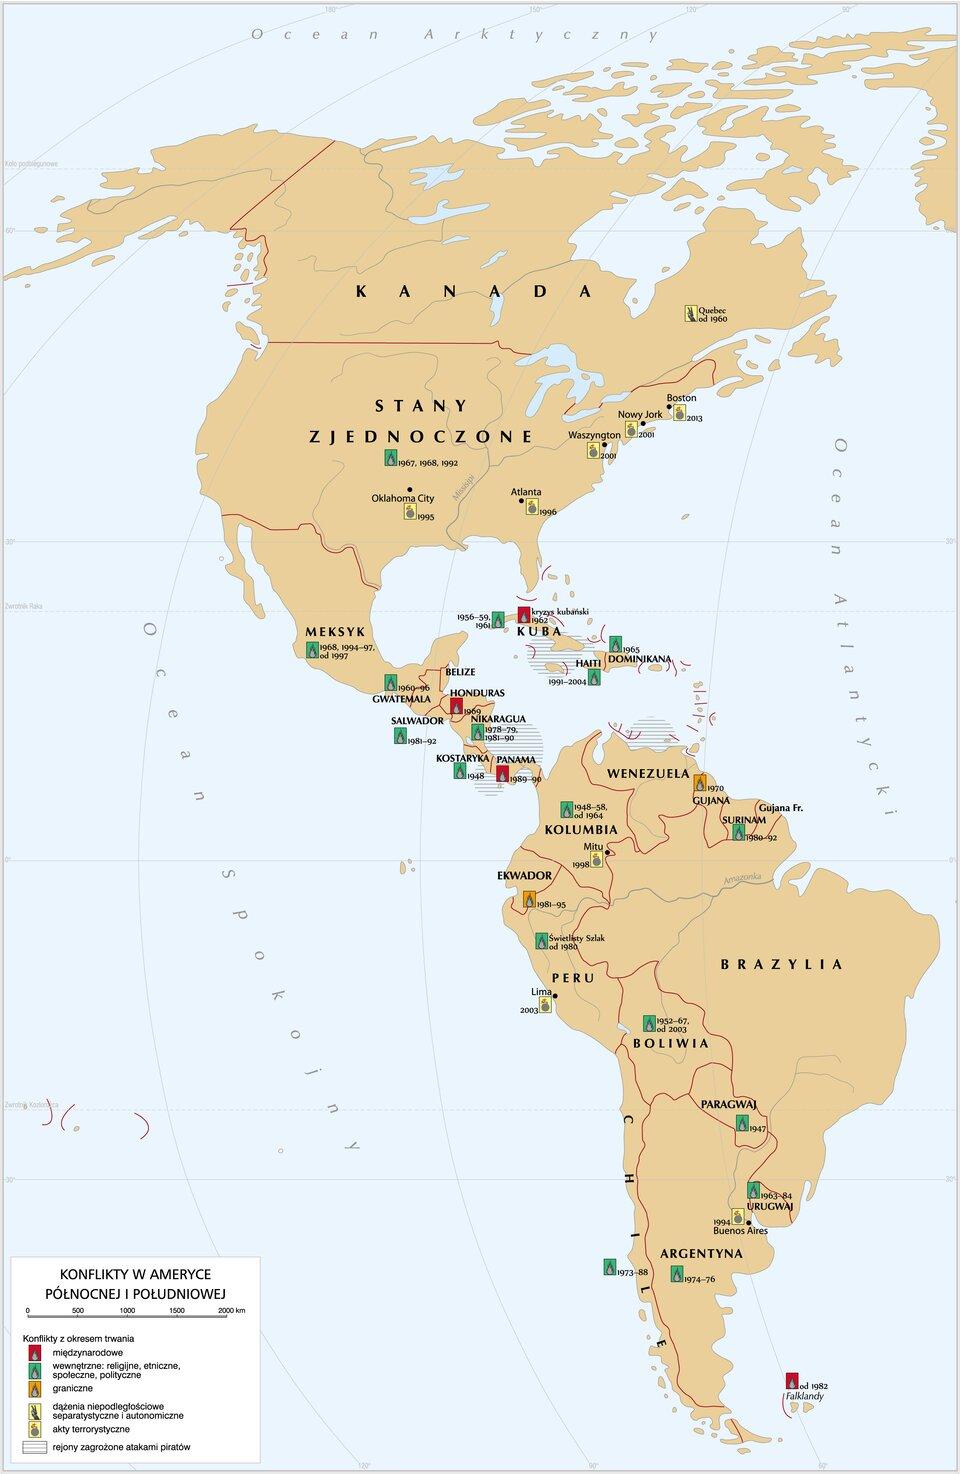 mapa -Konflikty wAmeryce